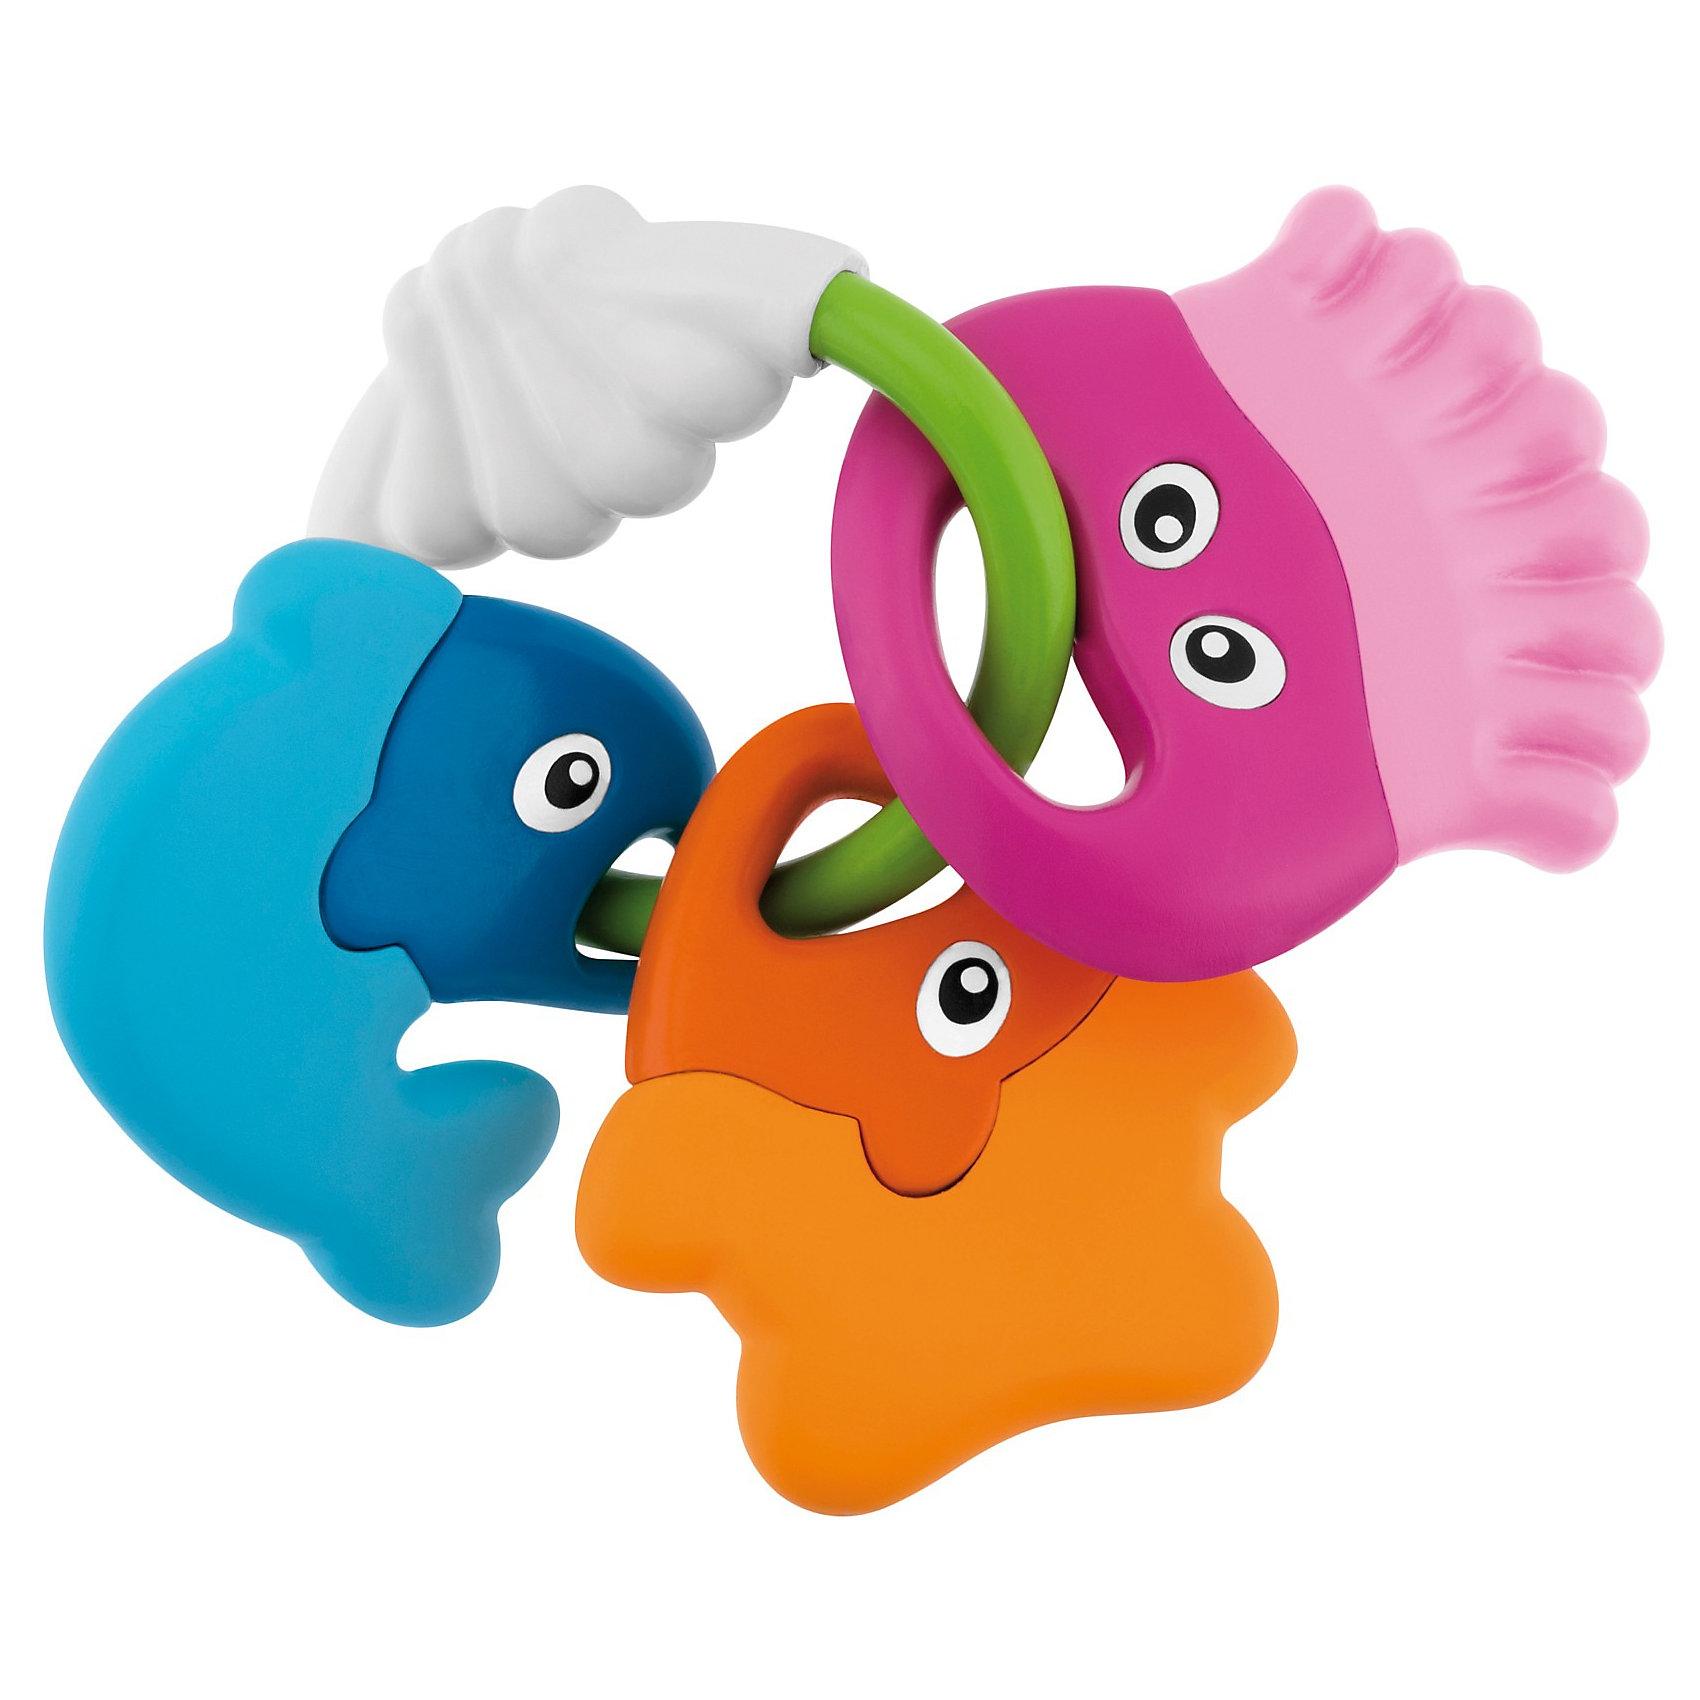 Погремушка Морские животные, ChiccoПогремушки<br>Погремушка Морские животные, Chicco (Чико) – эта забавная погремушка-прорезыватель привлечет внимание вашего малыша.<br>Симпатичная погремушка в форме 3 забавных рыбок прекрасно успокоят Вашего ребенка в период, когда у него прорезаются зубы. Три разноцветные рыбки легко ложатся в руку благодаря удобному кольцу. Они изготовлены из жесткой пластмассы с одной стороны, и из мягкой пластмассы с внешней стороны. Яркие и насыщенные цвета привлекают внимание ребенка, помогают концентрировать взгляд на предмете, а перезвон погремушки - тренируют слух малыша.<br><br>Дополнительная информация:<br><br>- Материал: высококачественная пластмасса<br>- Размер упаковки: 23 x 14 x 2 см.<br><br>Погремушку Морские животные, Chicco (Чико) можно купить в нашем интернет-магазине.<br><br>Ширина мм: 209<br>Глубина мм: 164<br>Высота мм: 44<br>Вес г: 99<br>Возраст от месяцев: 3<br>Возраст до месяцев: 18<br>Пол: Унисекс<br>Возраст: Детский<br>SKU: 3587125